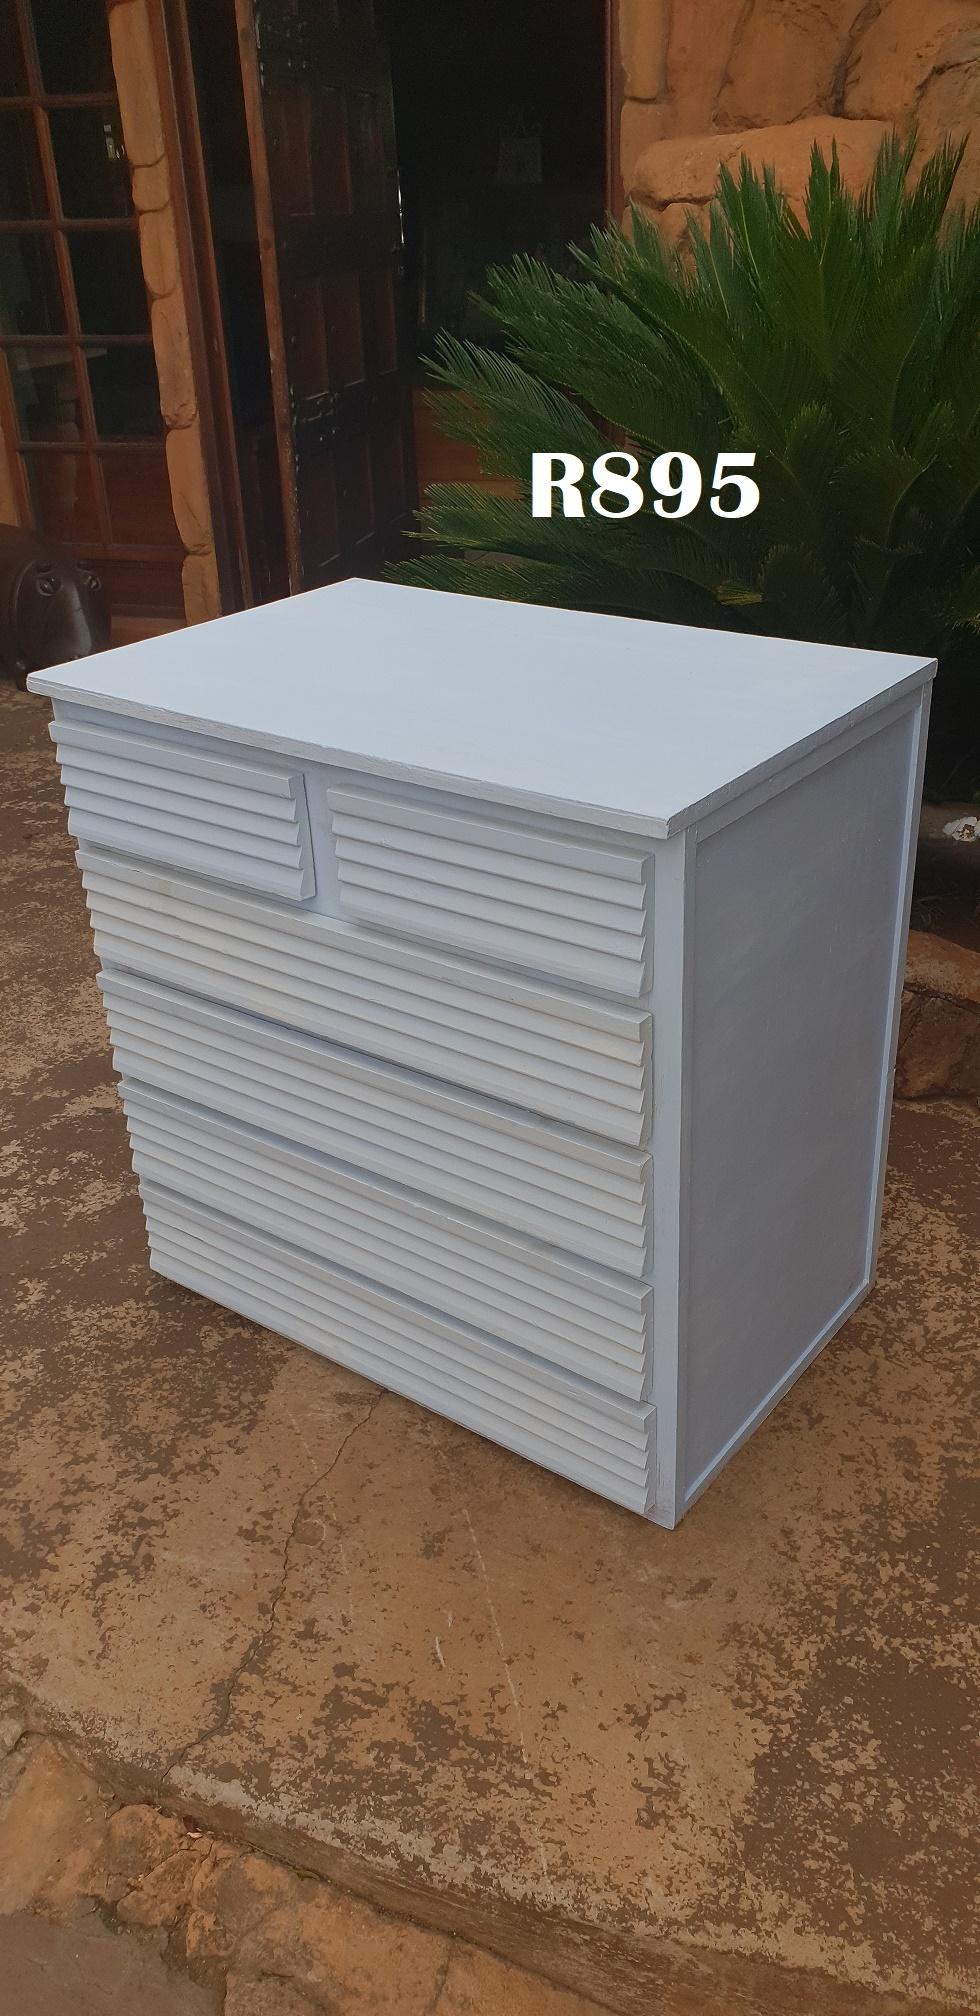 6 Drawer White Chest (800x525x780)